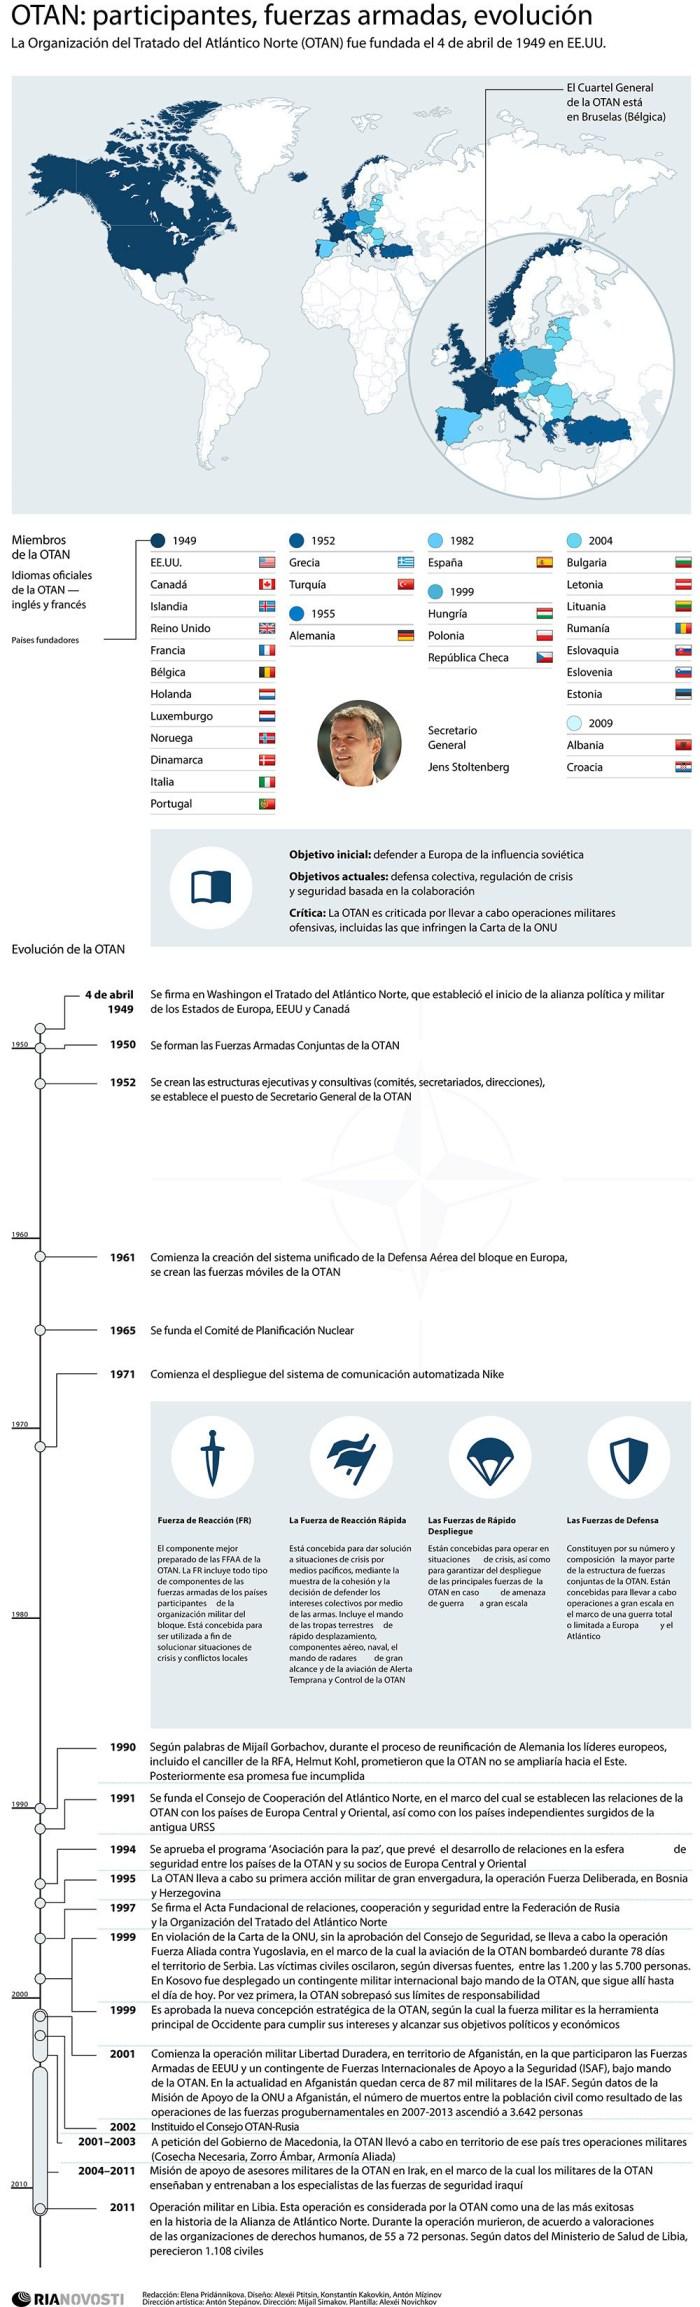 OTAN participantes, fuerzas, evolución RIA Novosti